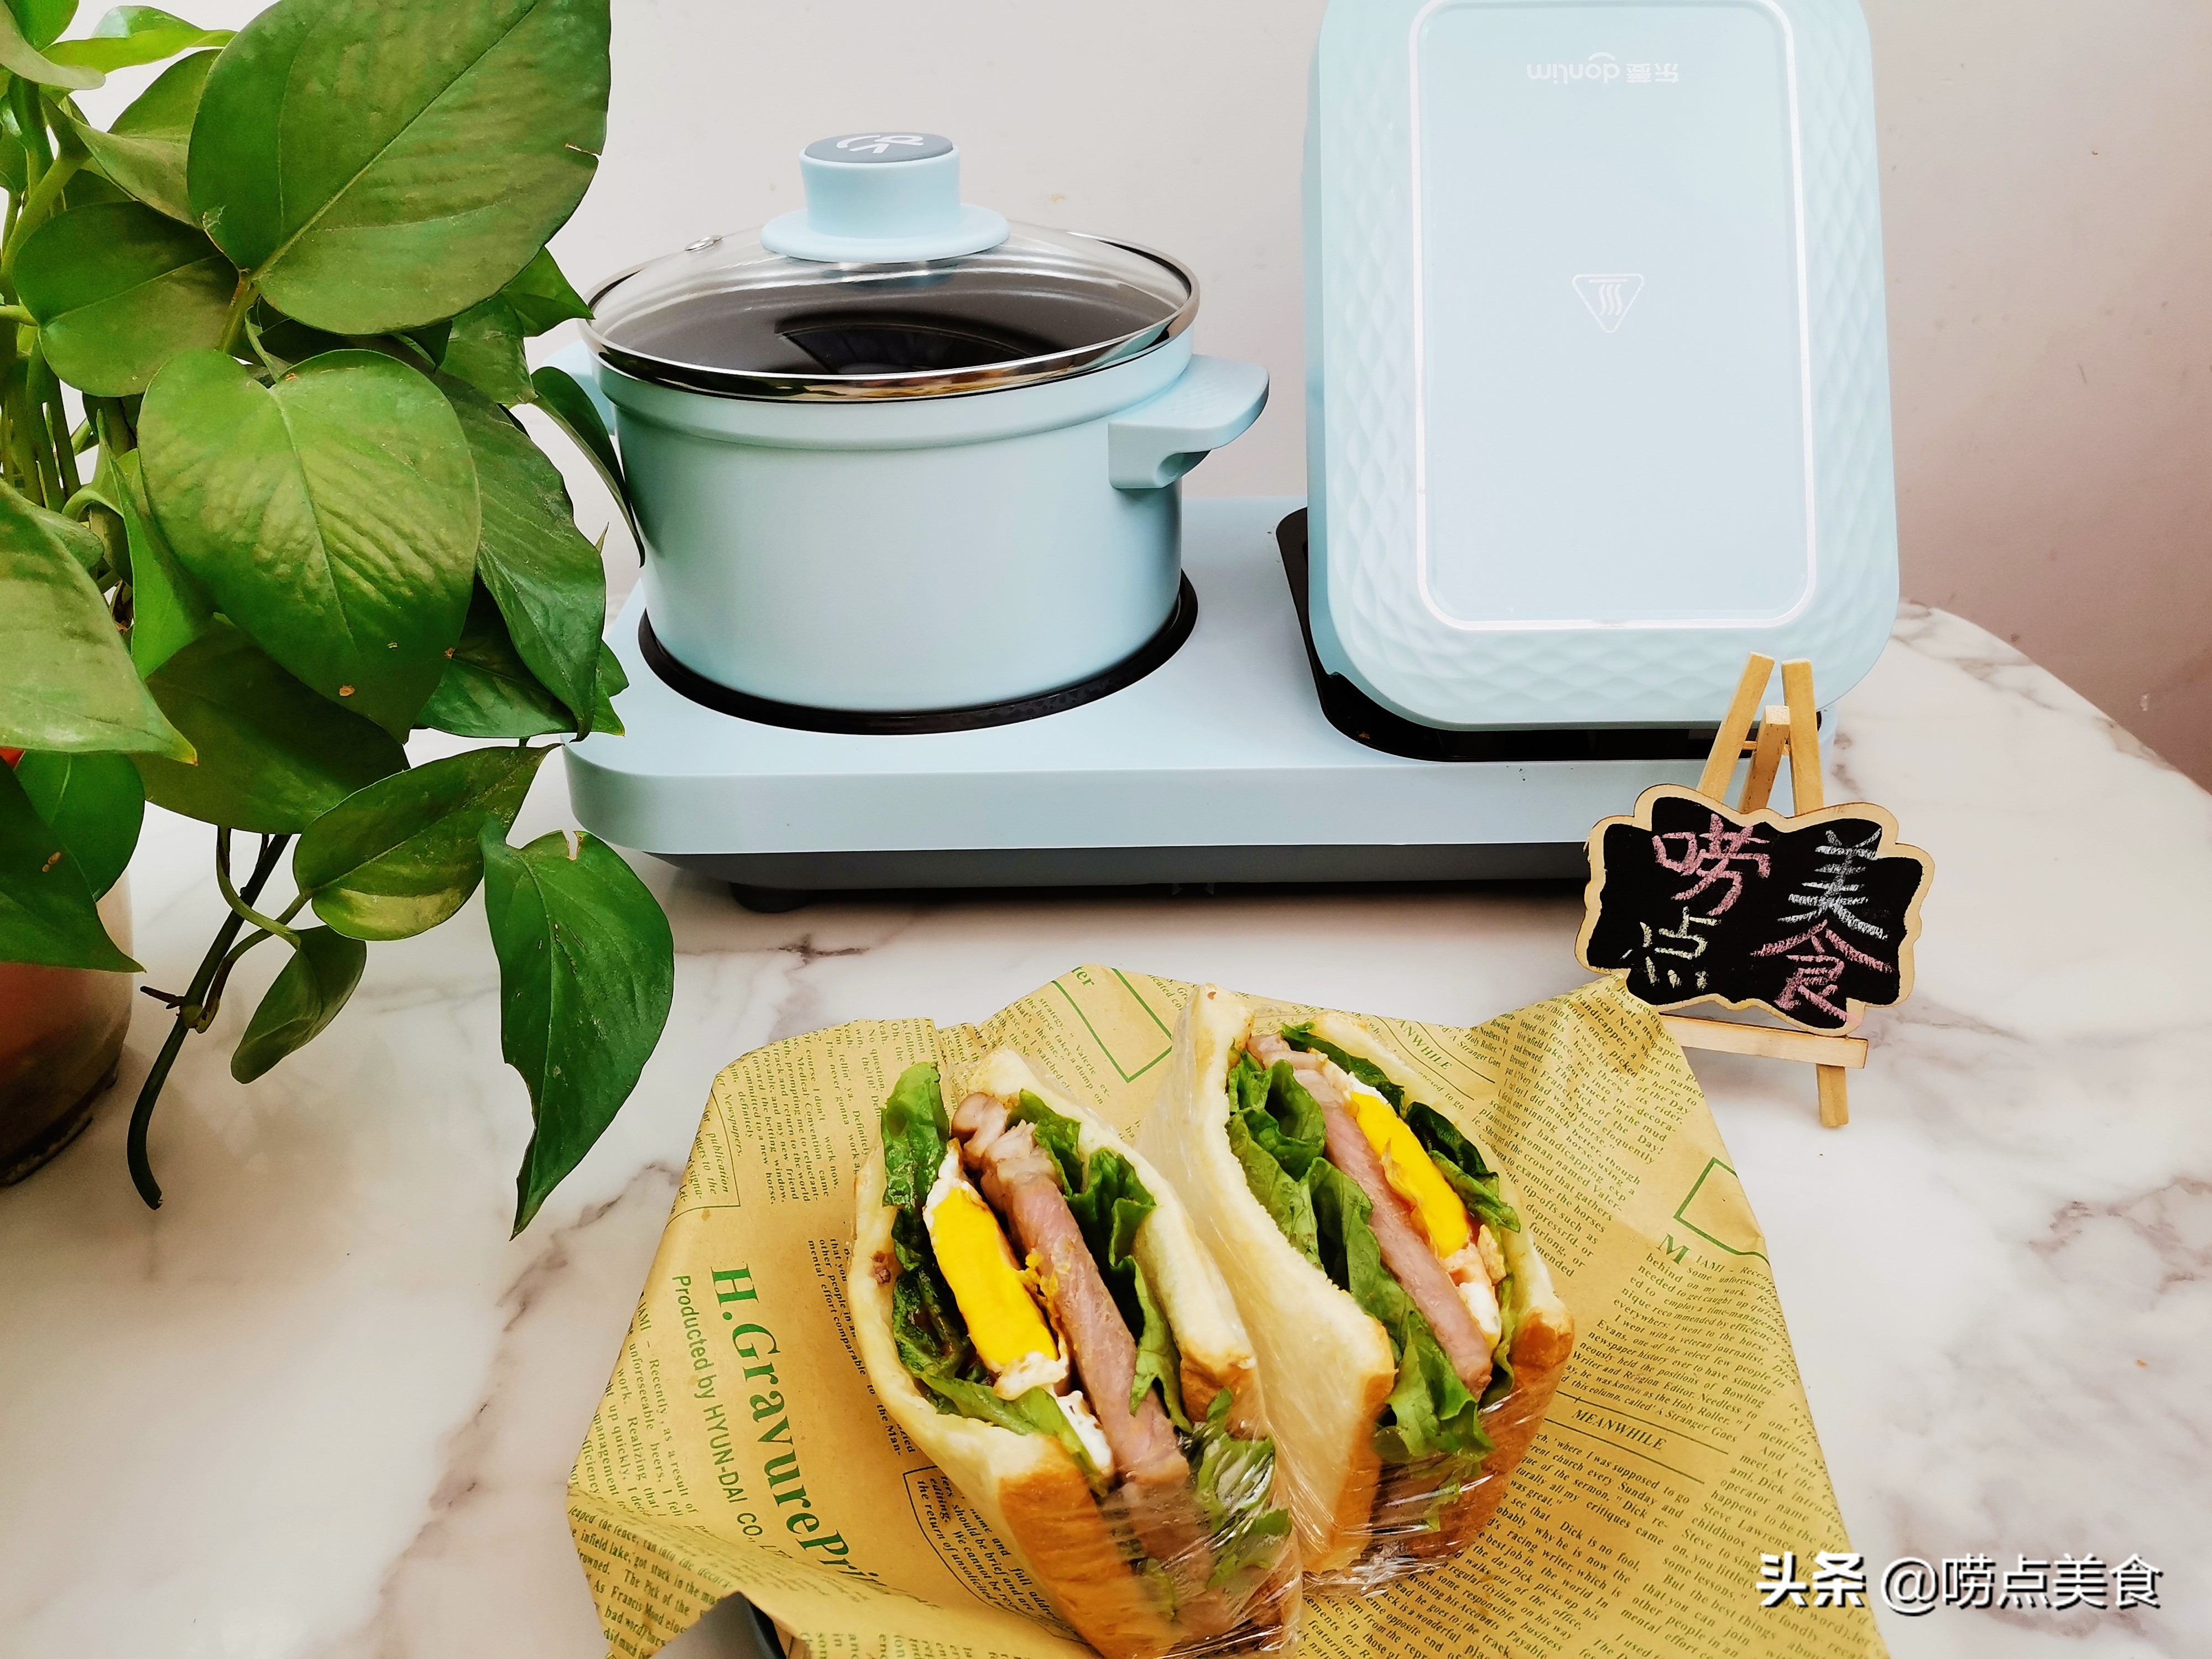 美式早餐牛肉三明治怎么做 各地小吃 第1张